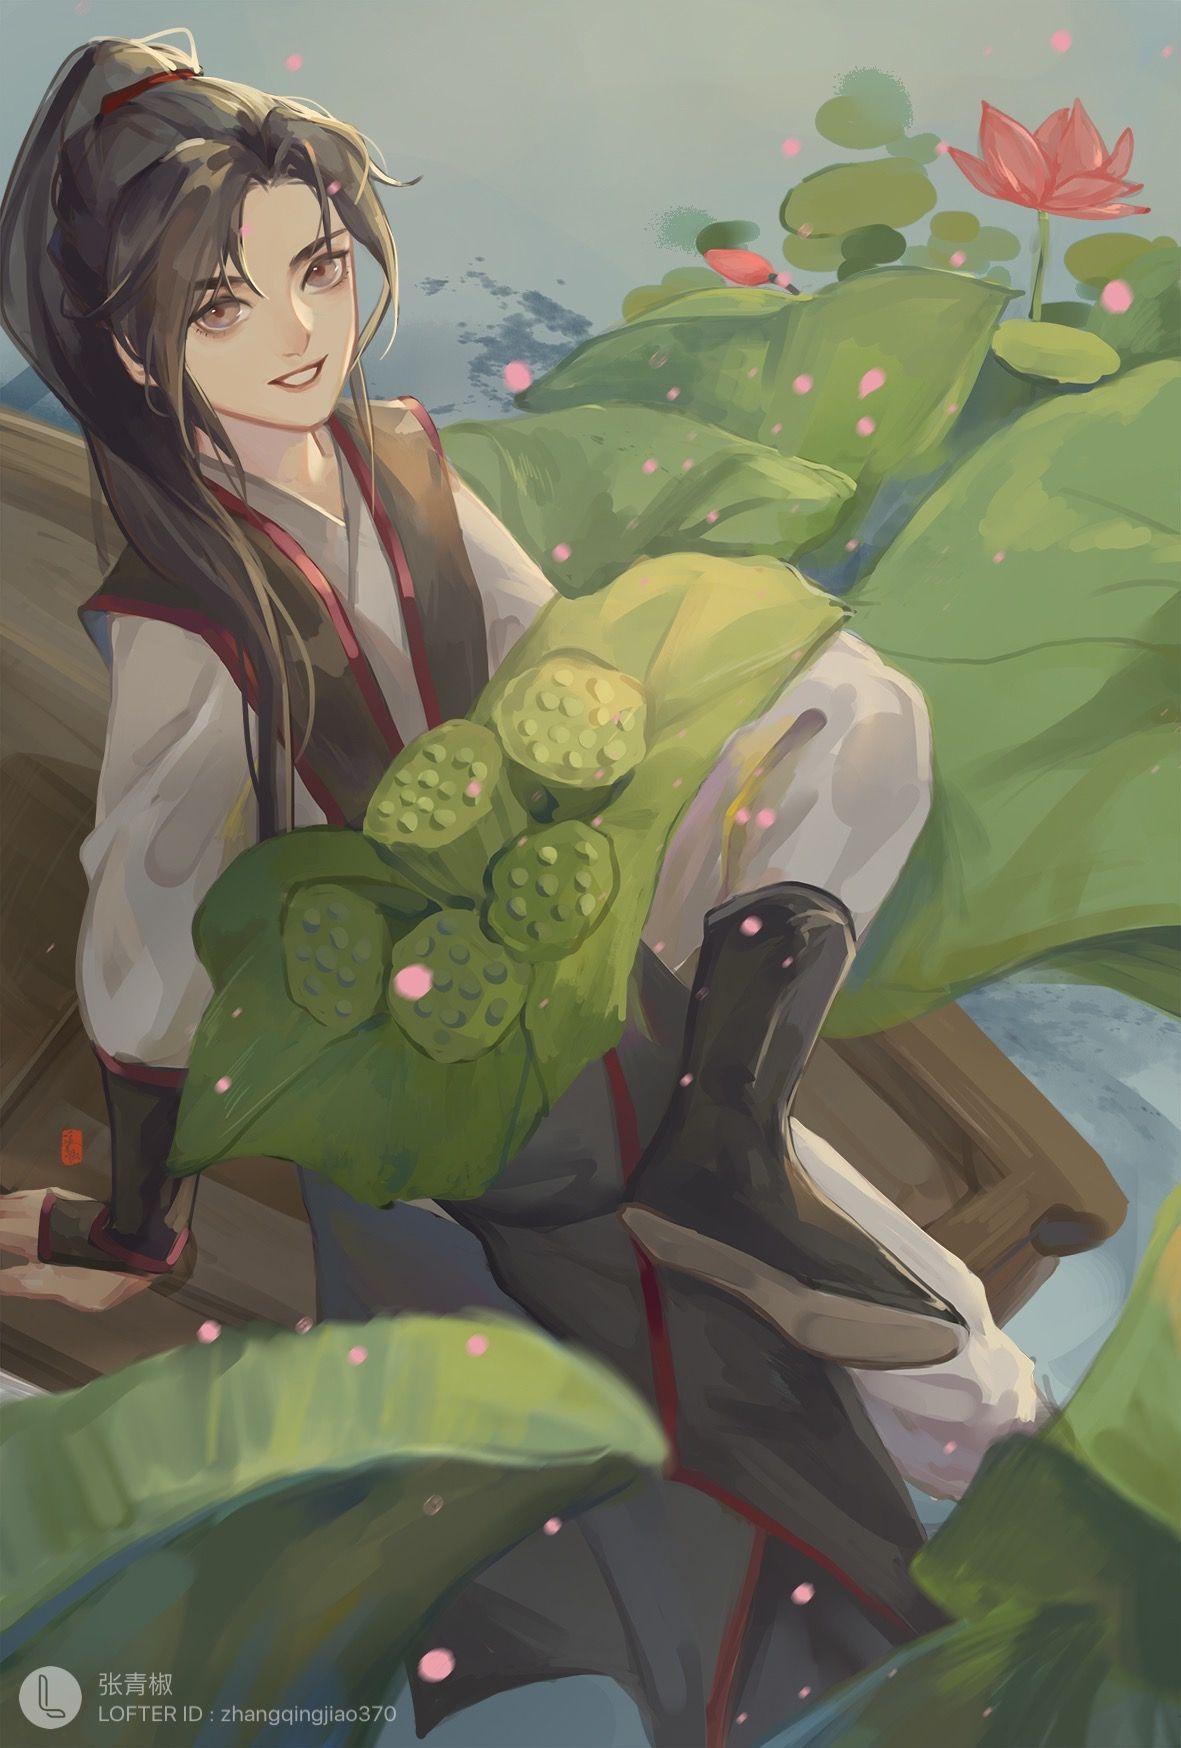 ปักพินโดย Ren ใน đam mễ MHĐK (มีรูปภาพ) ตัวละครจาก